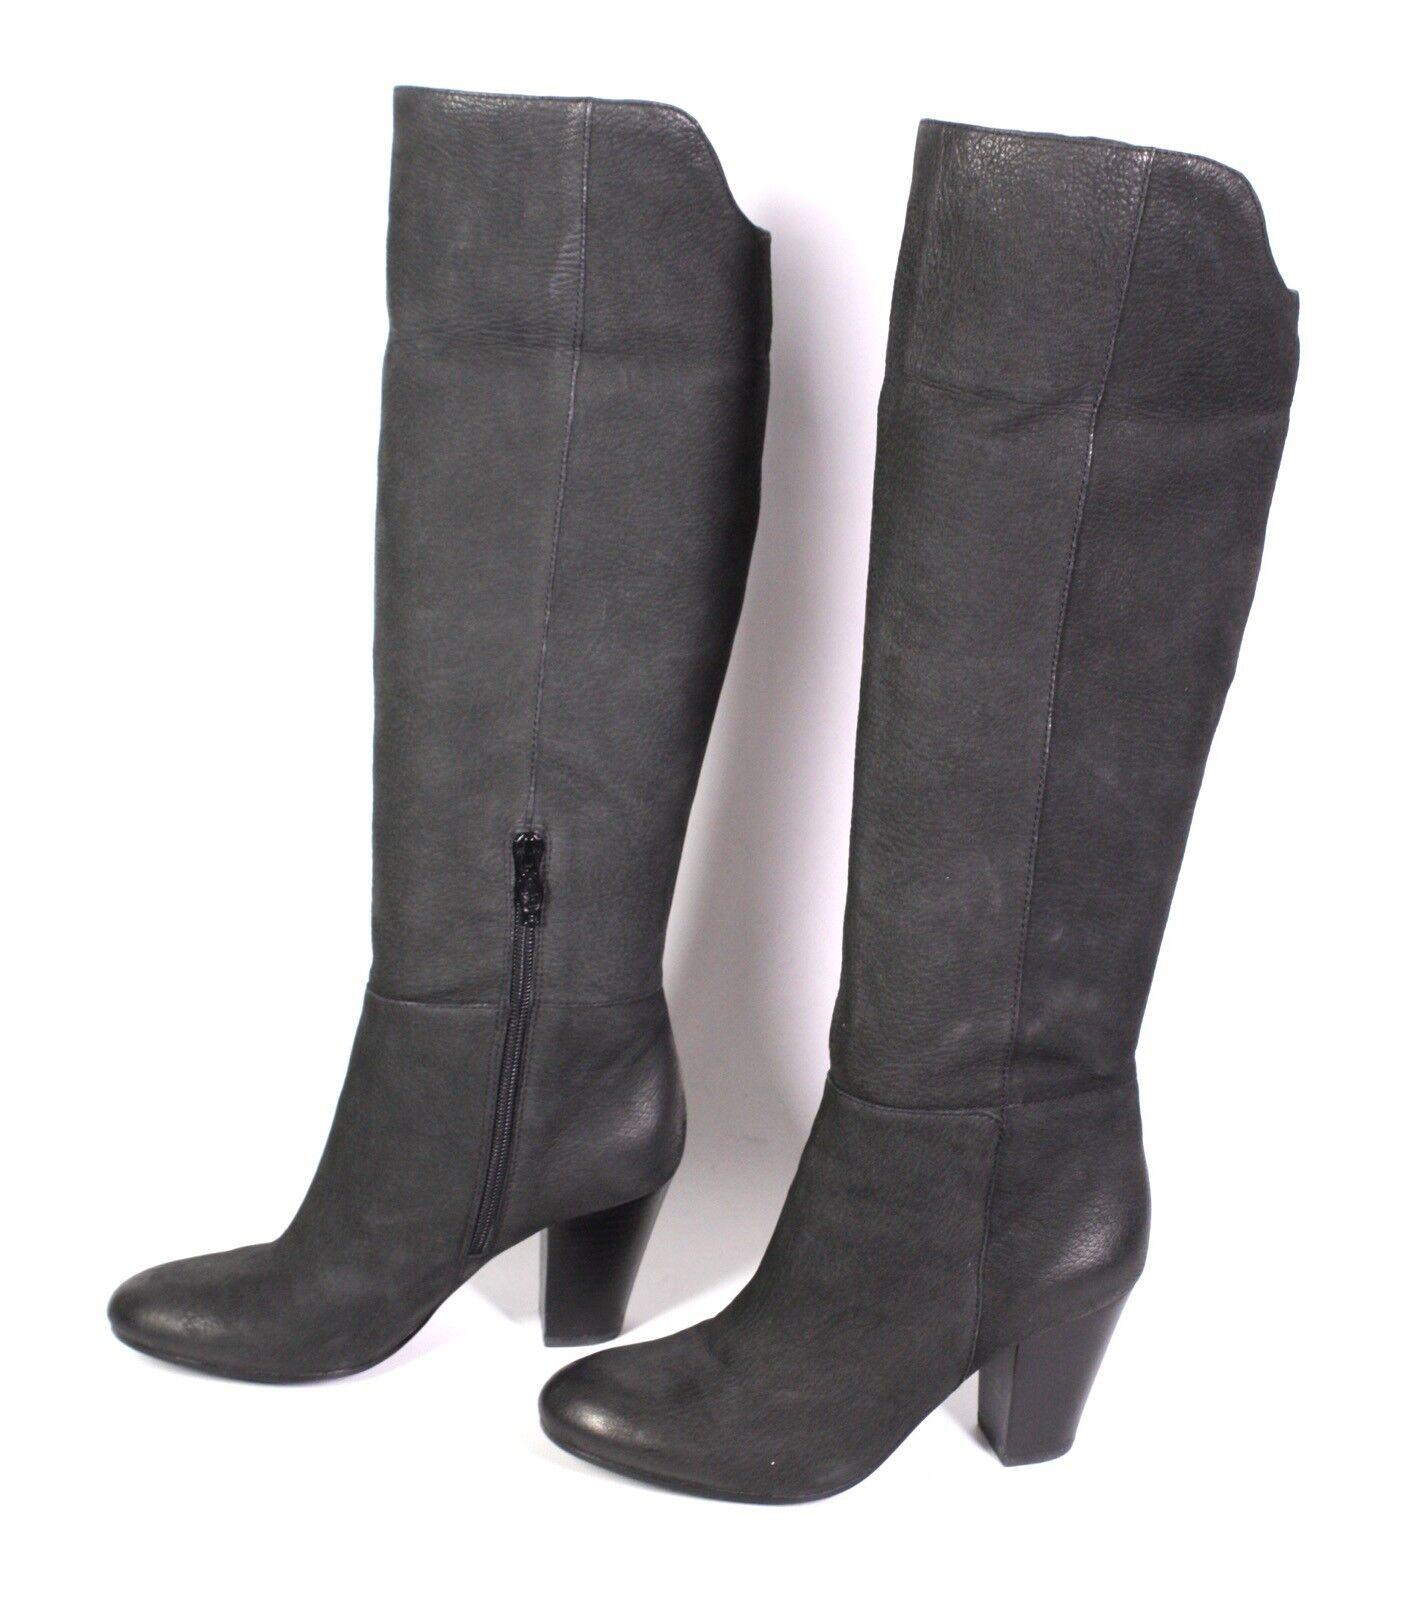 24S-CL ASH Damen Stiefel Stiefel Nubuk Leder schwarz Gr. 36 Blockabsatz Umschlag